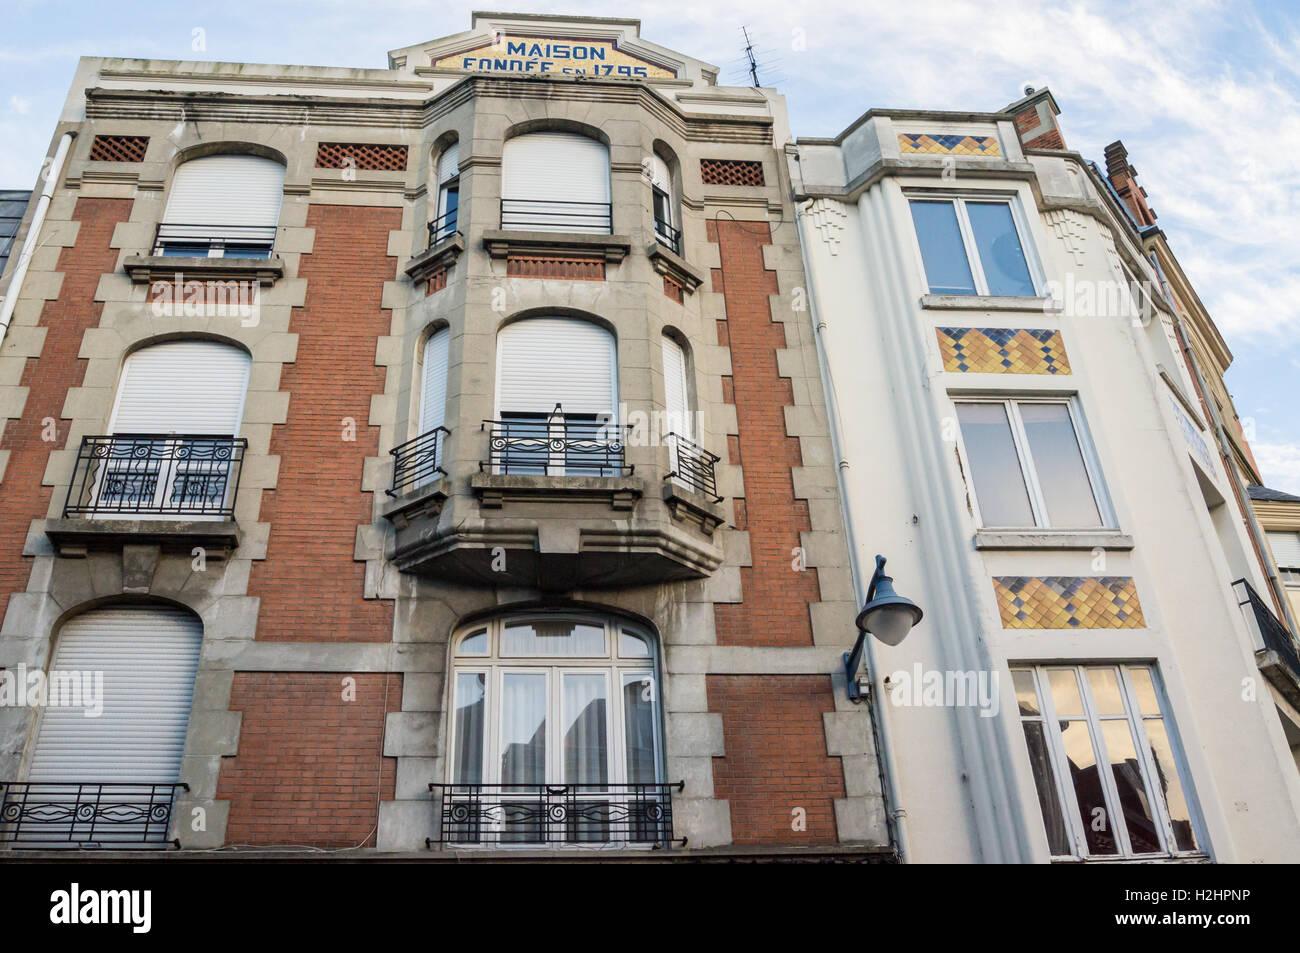 Deco Facade Maison Deco Facade Maison 25 Nice Leroy Deco Maison Noel Chambre Fille Ado Deco